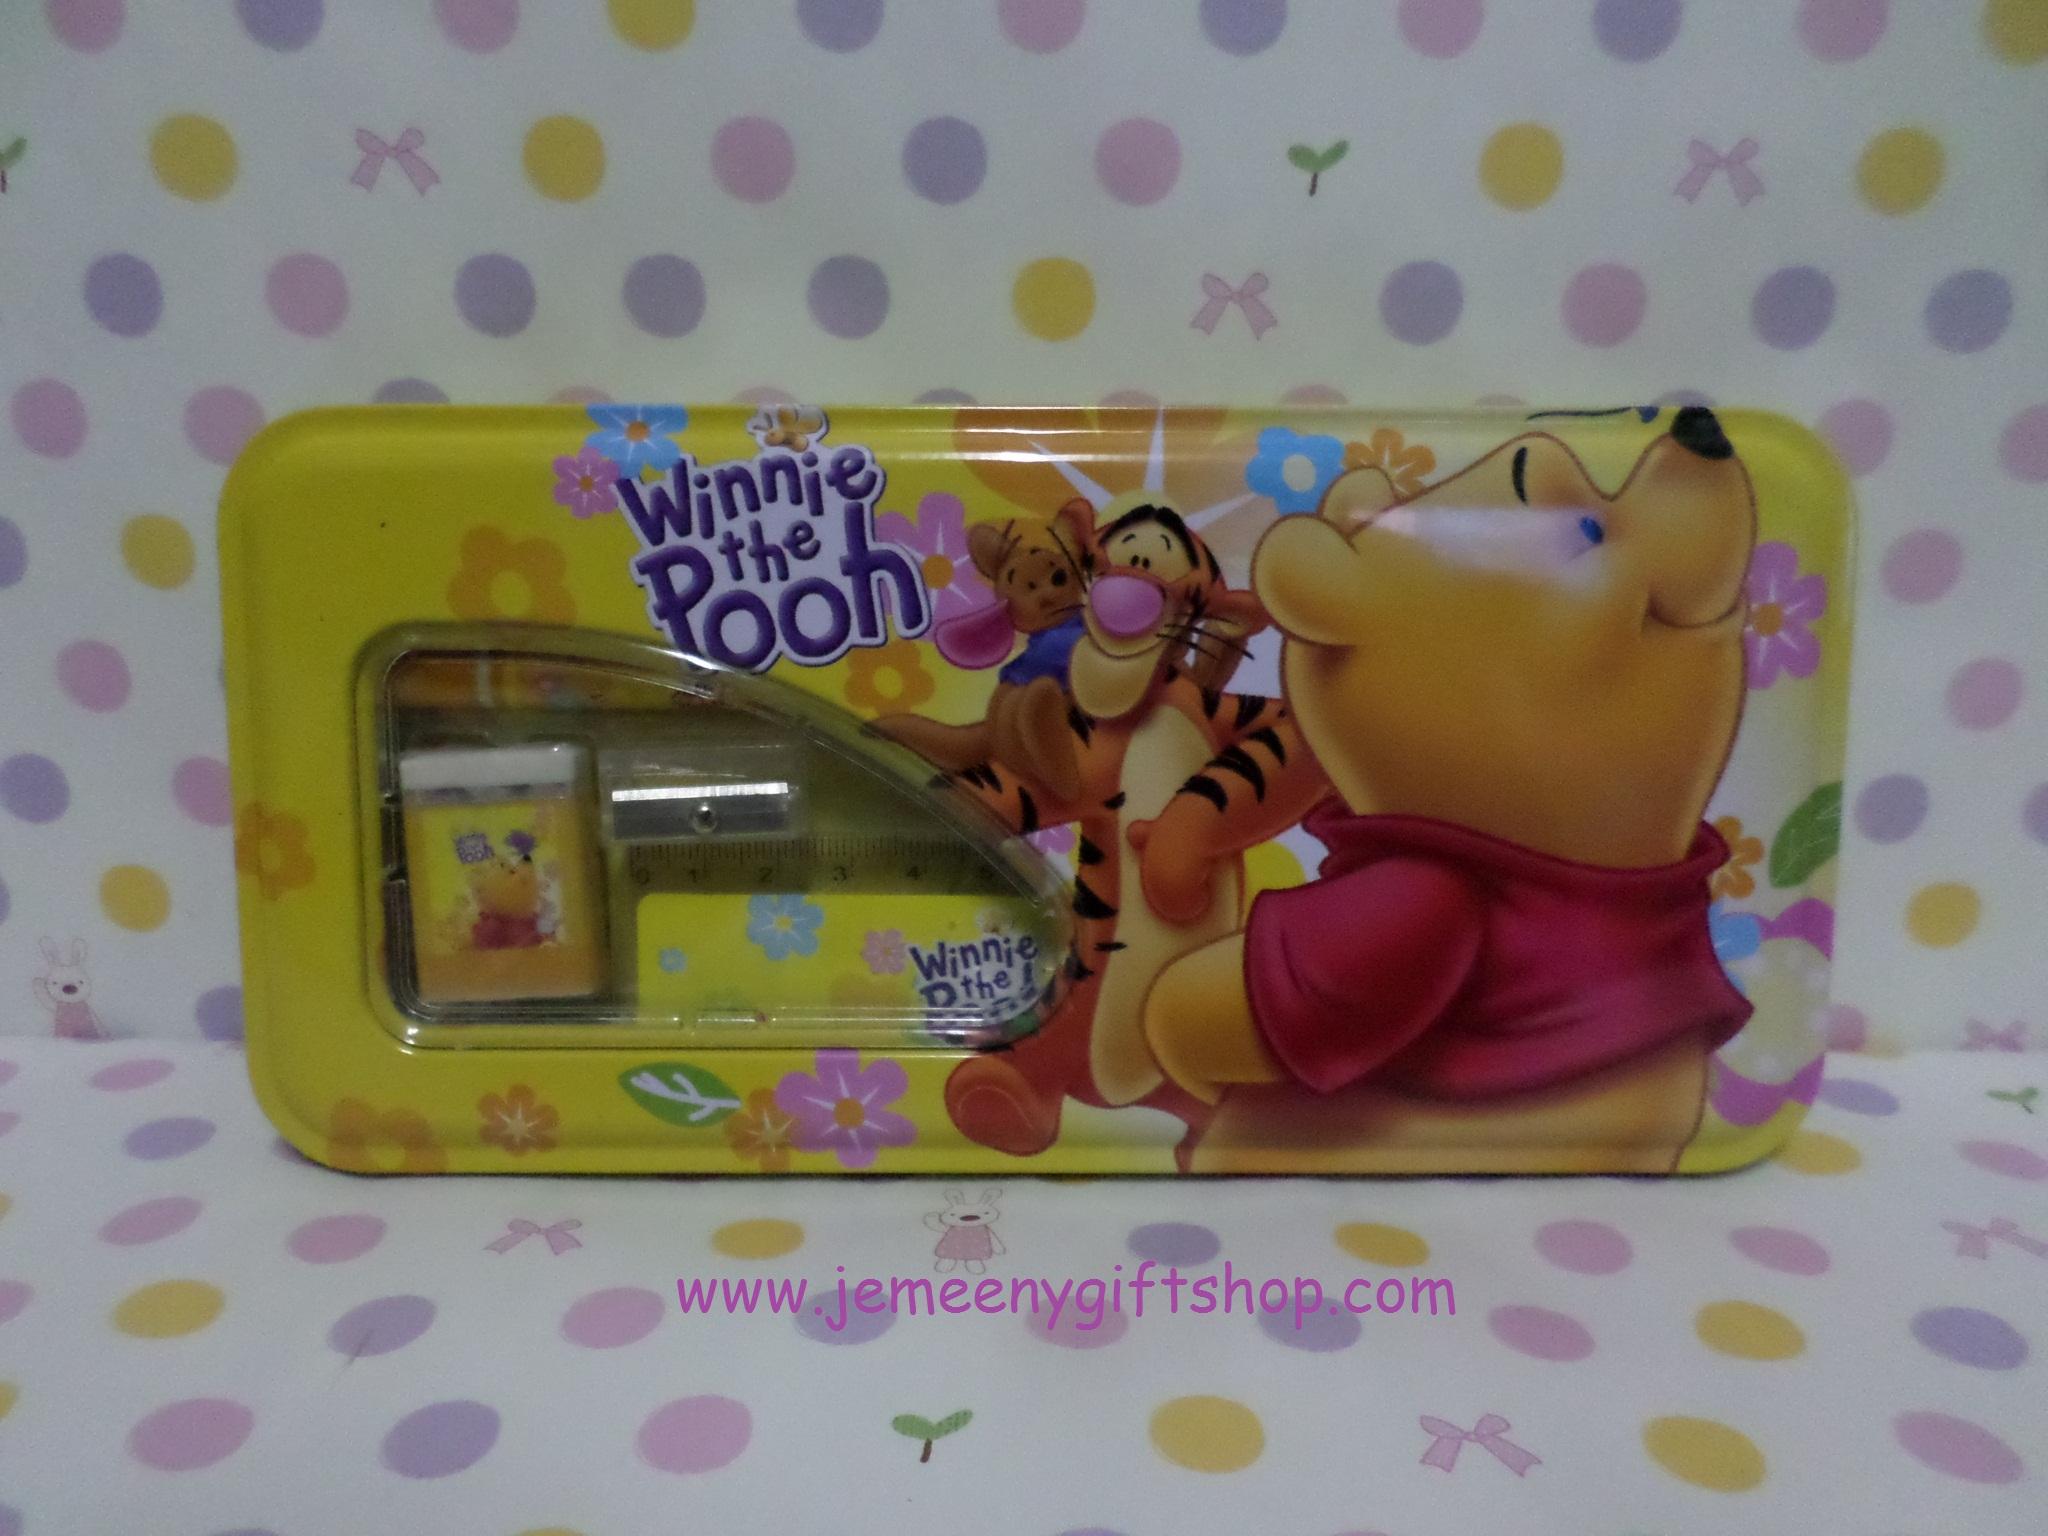 กล่องดินสอเหล็ก หมีพูห์ pooh ขนาดกว้าง 10 ซม. * ยาว 21 ซม. ลายหมีพูห์ สีเหลือง